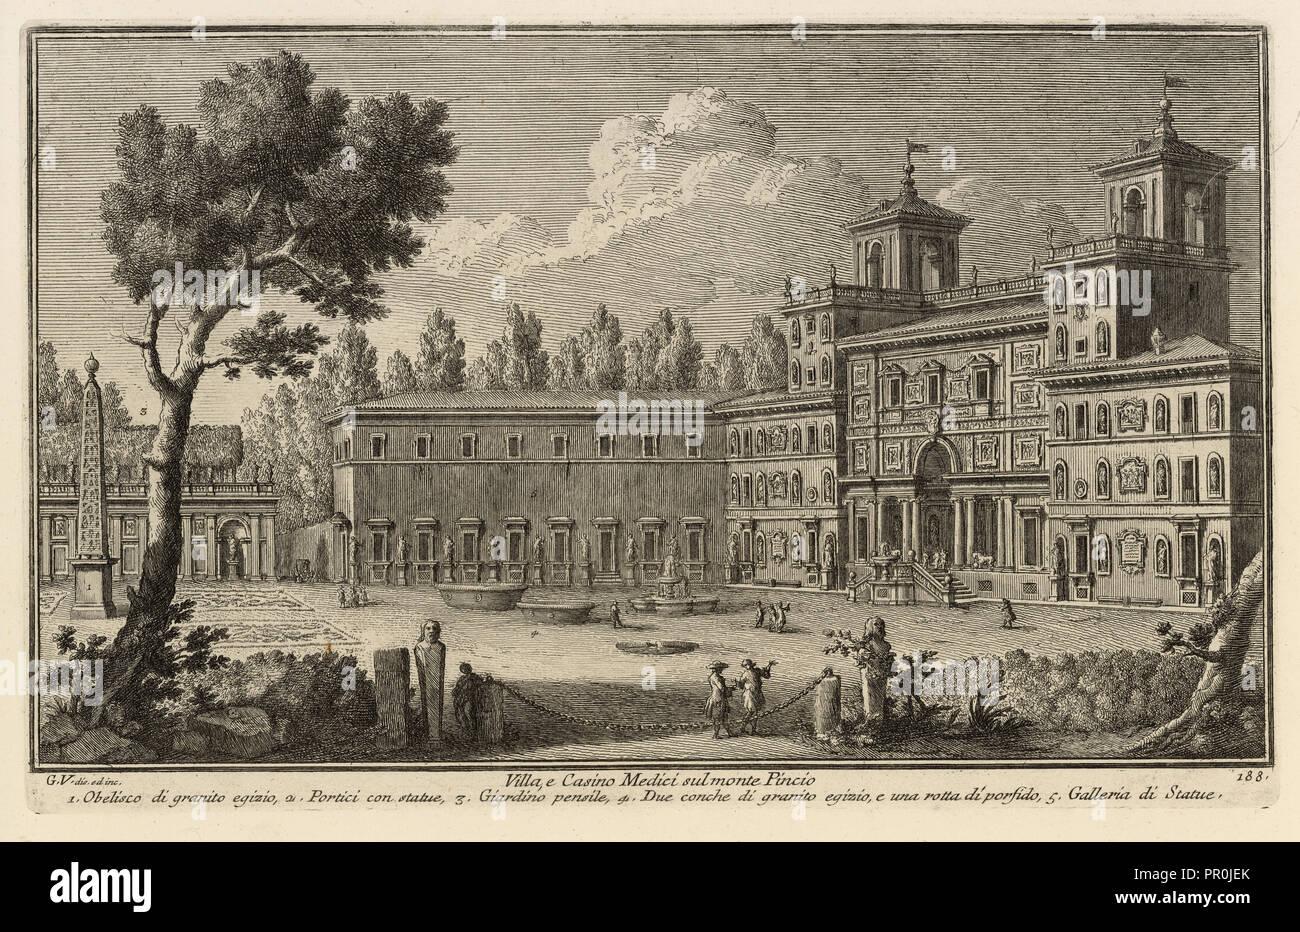 Villa, e Casino Medici sul monte Pincio, Delle magnificenze di Roma antica e moderna, Vasi, Giuseppe, 1710-1782, Engraving - Stock Image